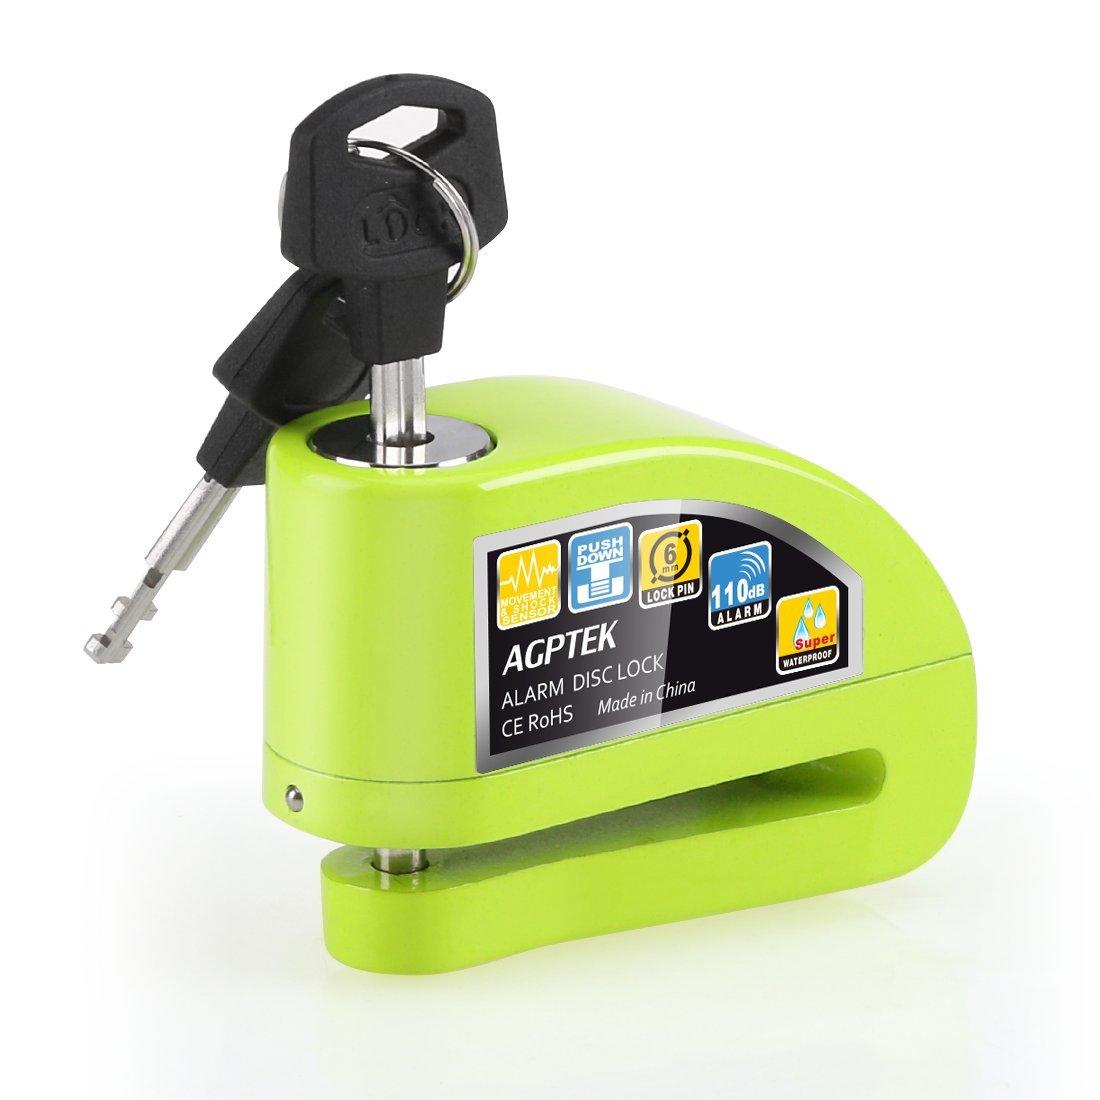 AGPTEK Moto Antivol d'Alarme Serrure Intelligent Haute Compatibilité de Voiture Bloque Disque d'Alarme en Alliage d'Aluminium pour Moto, Vélo, VTT Scooter-S5B Vert product image